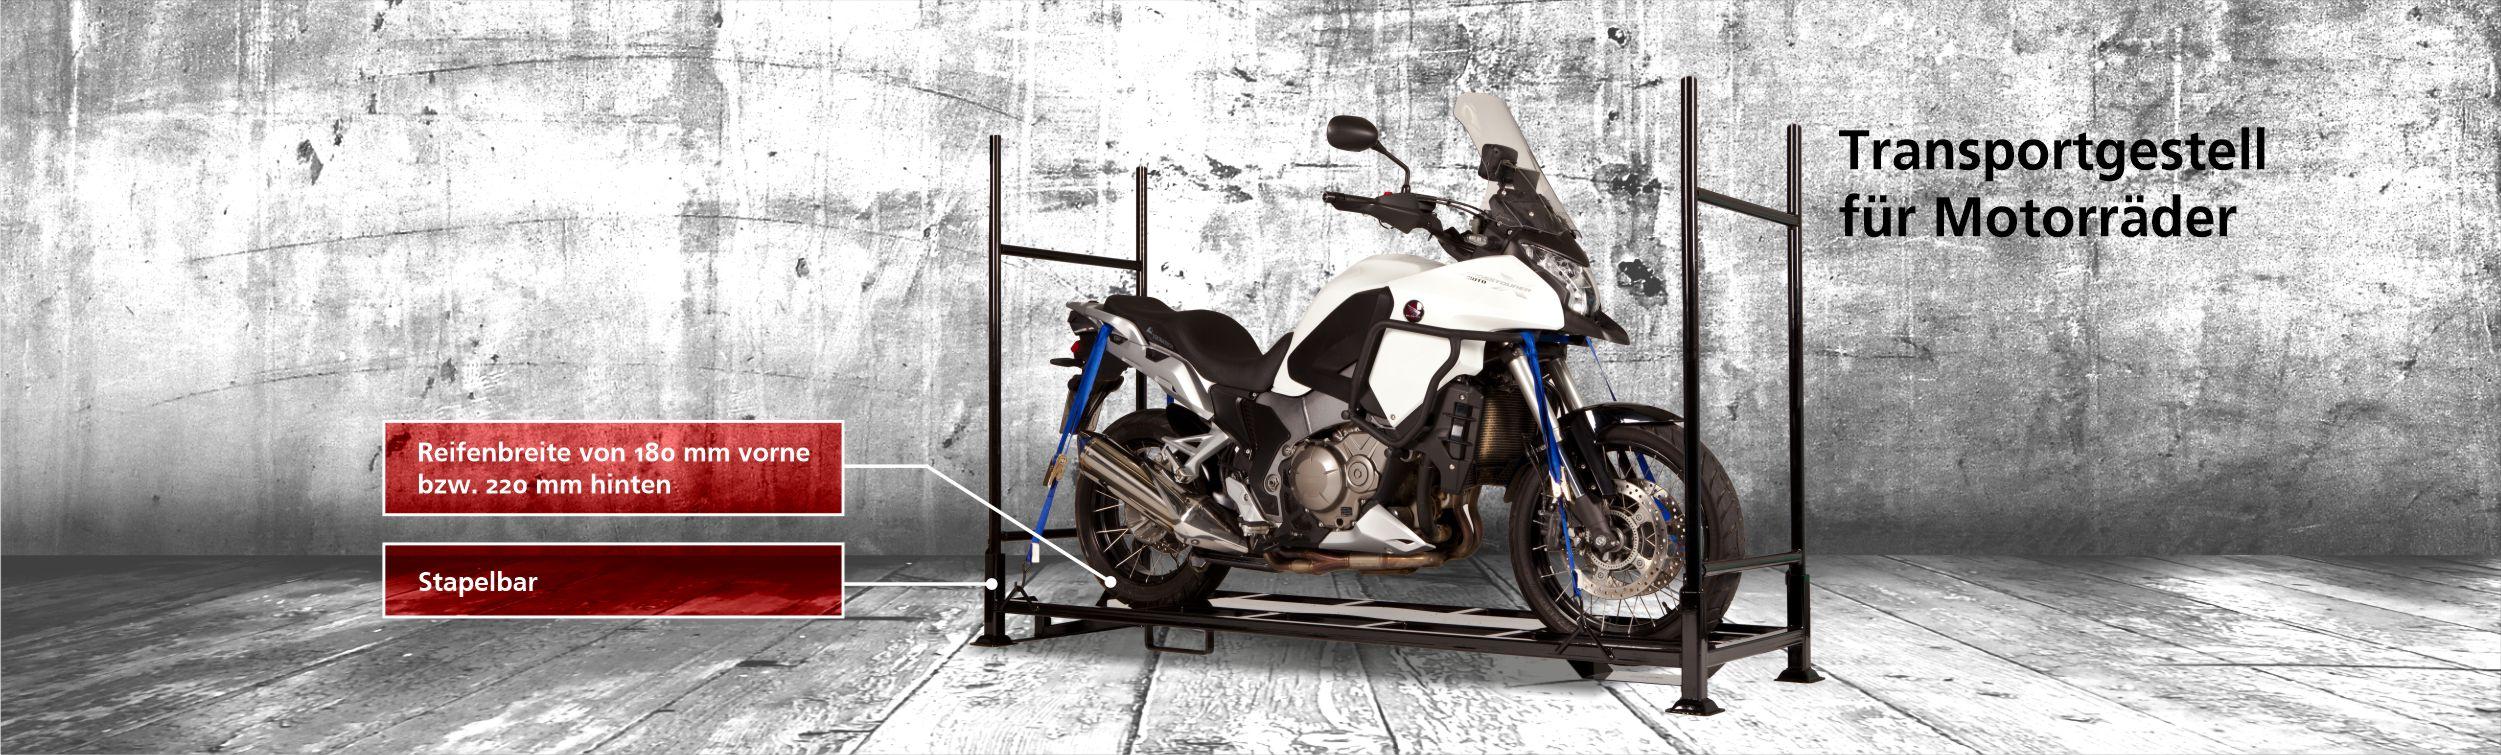 transportgestell_motorraeder